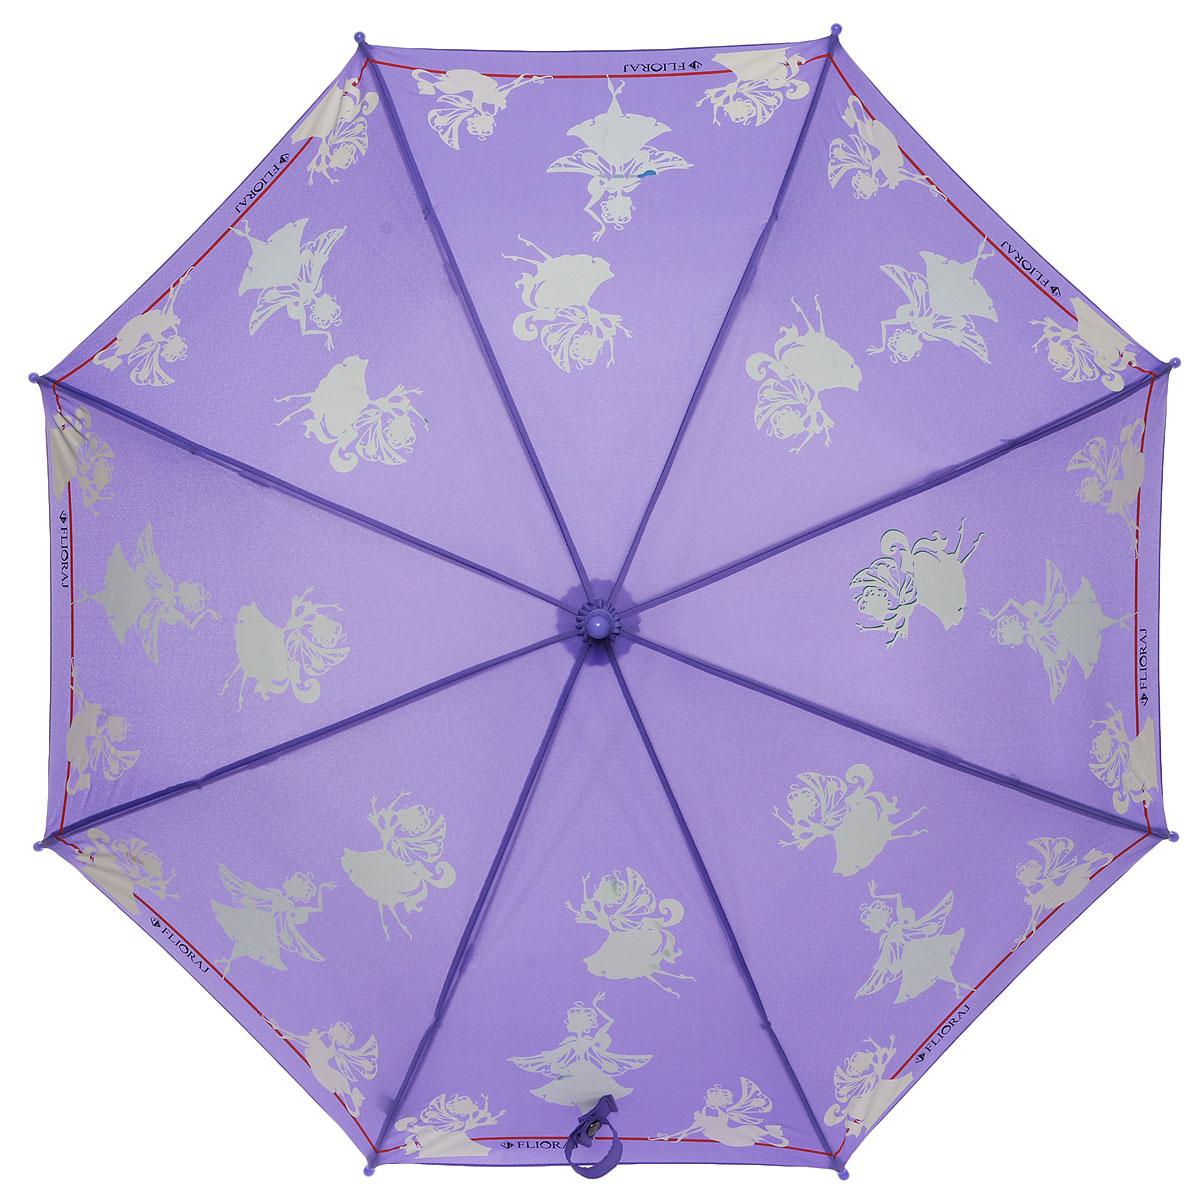 Зонт-трость детский Flioraj, механика, цвет: фиолетовый. 051202051202 FJОригинальный и практичный детский зонт-трость Flioraj будет отличным подарком для вашего ребенка. Зонт состоит из восьми спиц и стержня выполненных из прочного, но легкого фибергласса. Купол выполнен из качественного полиэстера, который не пропускает воду и оформлен красочным рисунком. Зонт дополнен удобной пластиковой ручкой в виде крючка. Изделие имеет механический способ сложения: и купол, и стержень открываются и закрываются вручную до характерного щелчка. Зонт закрывается хлястиком на кнопку. Зонт дополнен свистком. Такой нежный и оригинальный дизайн понравится любой девочке.